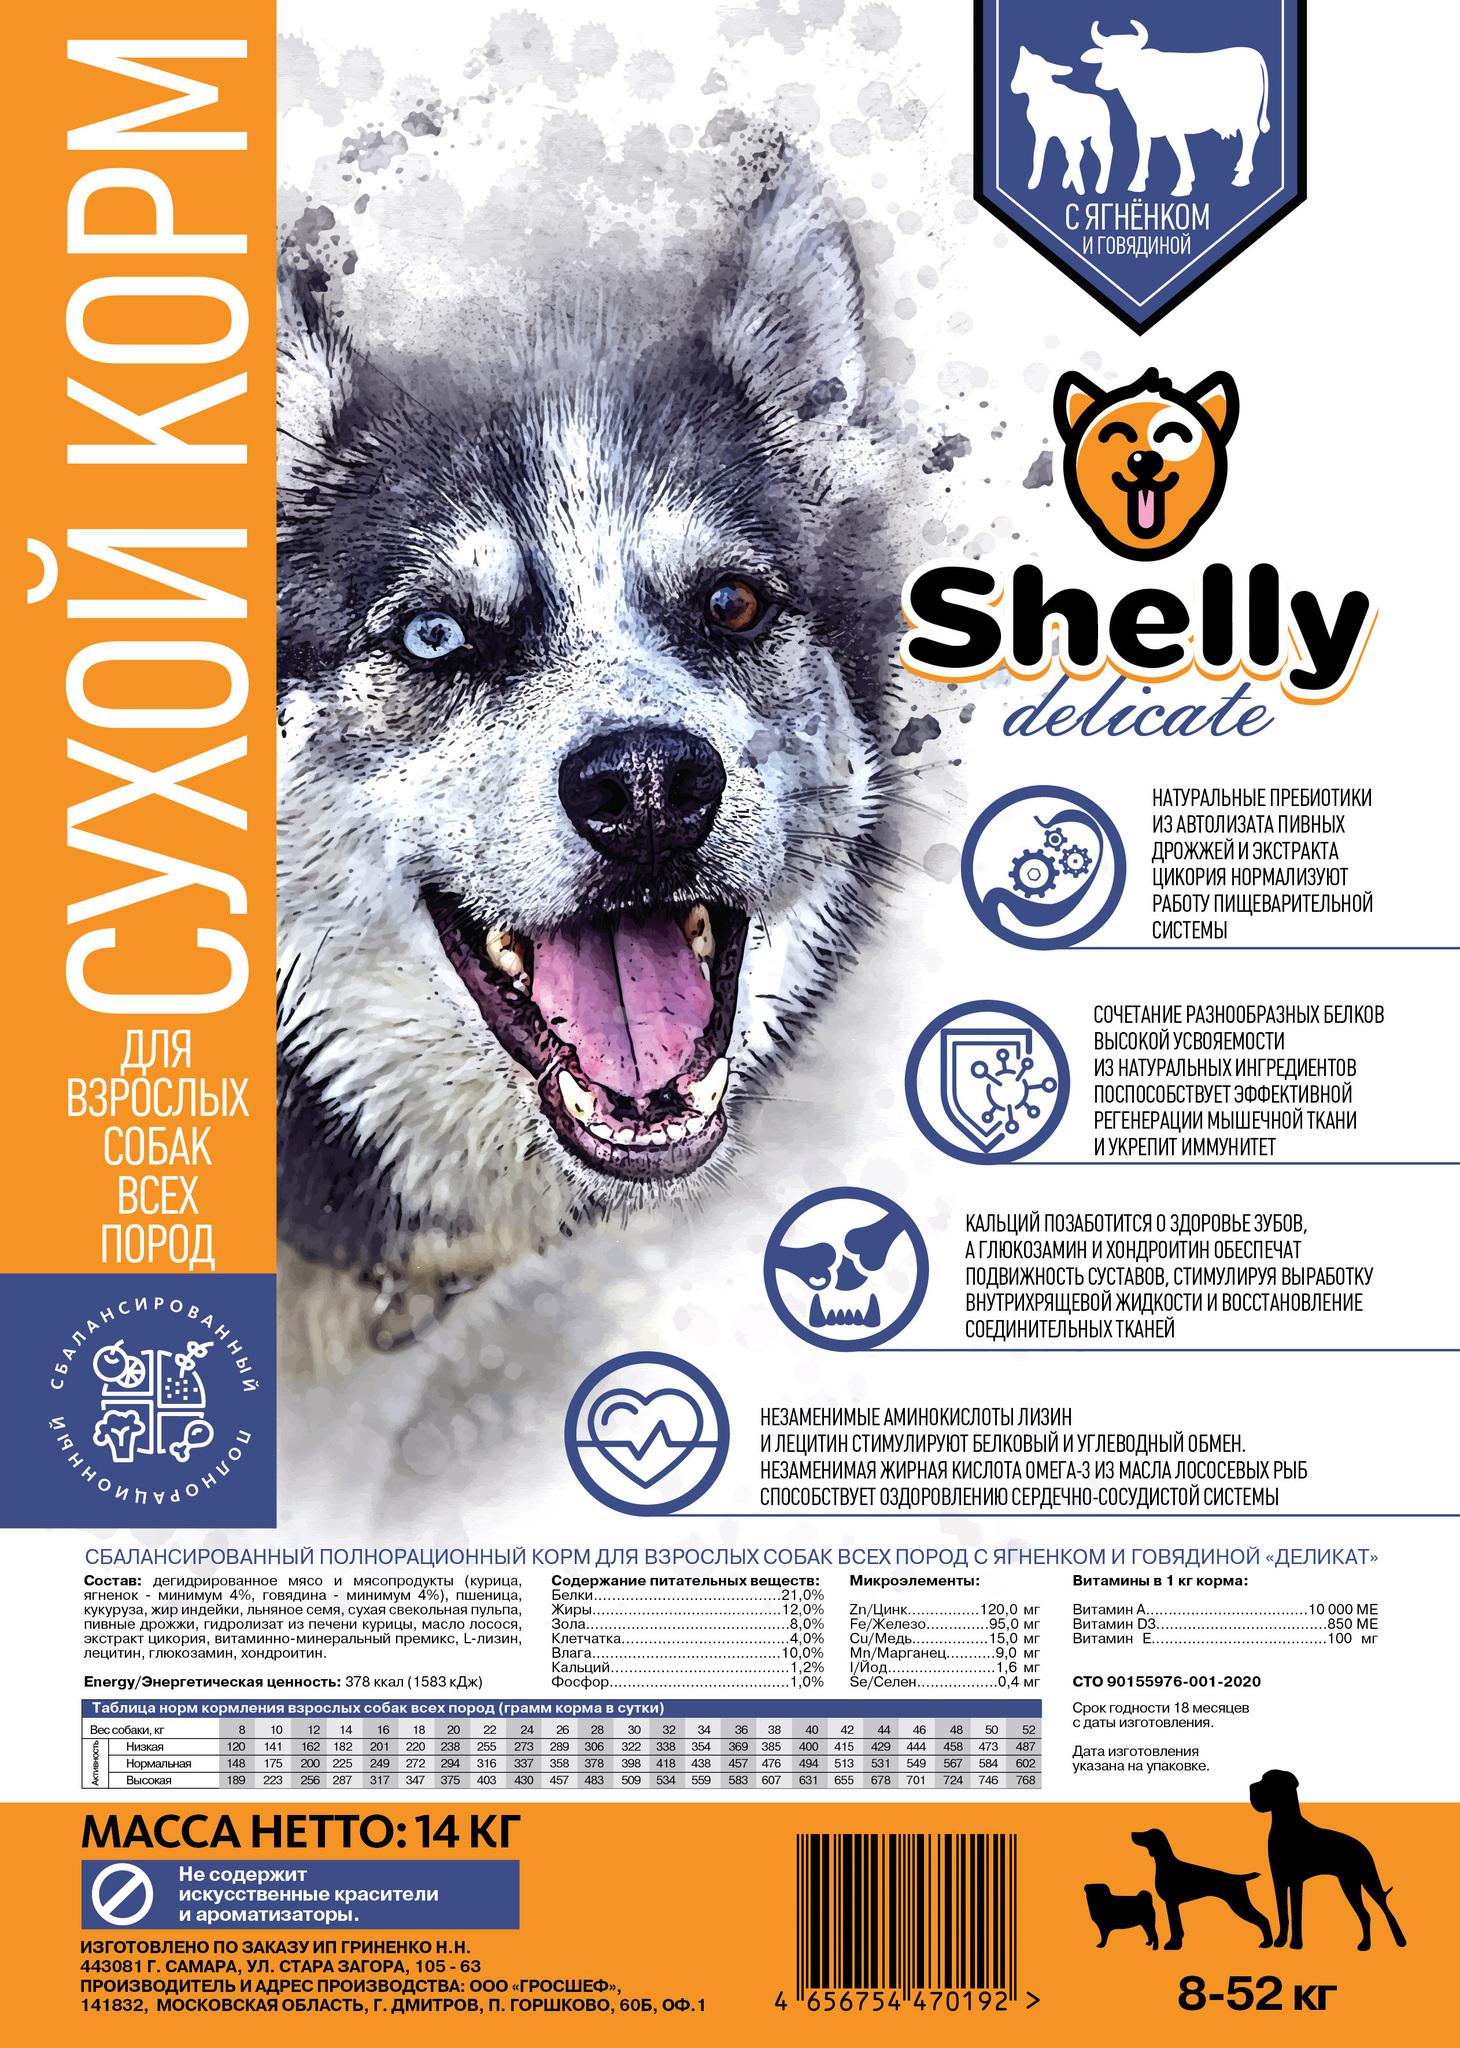 Каталог Сухой корм для взрослых собак всех пород, Shelly delicate, с ягненком и говядиной Shelly_А4_delicate.jpg